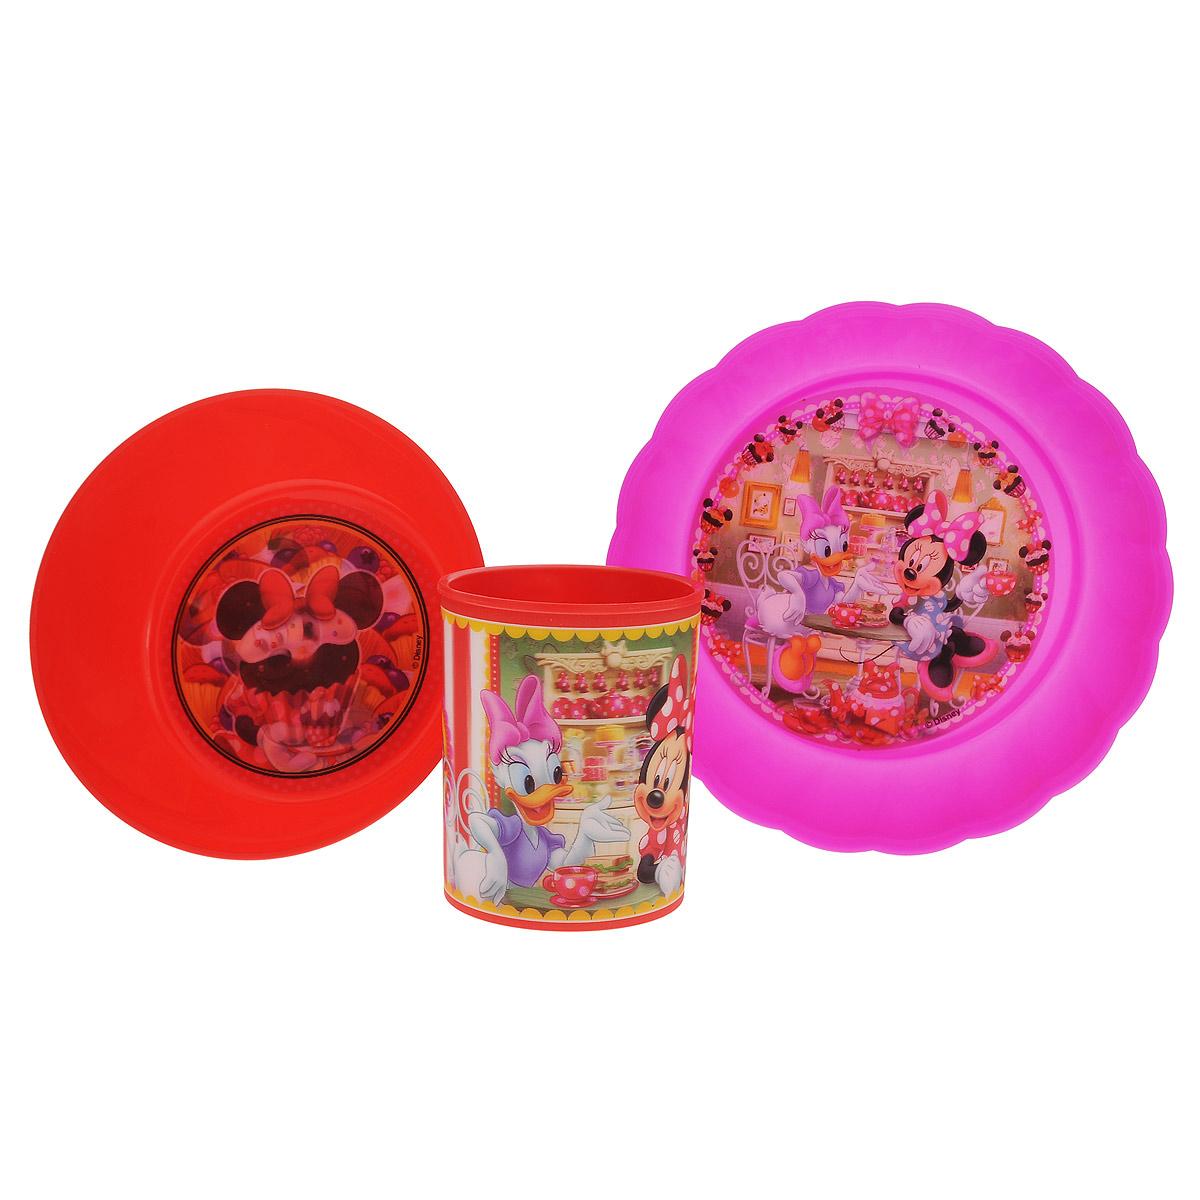 Набор детской посуды Disney Минни и Дейзи, цвет: красный, розовый, 3 предмета115510Набор детской посуды Disney Минни и Дейзи состоит из стакана, салатника и тарелки. Посуда, выполненная из пищевого пластика, оформлена изображениями героев популярного мультфильма Клуб Микки Мауса - Минни и Дейзи. Рисунки находятся под слоем прозрачного структурного пластика (линзы), создающего эффект объемного изображения, как в 3D кино, и исключающего попадание краски в жидкость. Небьющаяся посуда, красивая, легкая и удобная в уходе, прекрасно выдерживает горячую пищу. Ваш малыш с удовольствием будет кушать вместе с любимыми героями. Объем стакана: 325 мл. Высота стакана: 9 см. Диаметр стакана (по верхнему краю): 7,5 см. Диаметр салатника: 15 см. Высота салатника: 5 см. Диаметр тарелки: 18 см. Высота тарелки: 4 см.